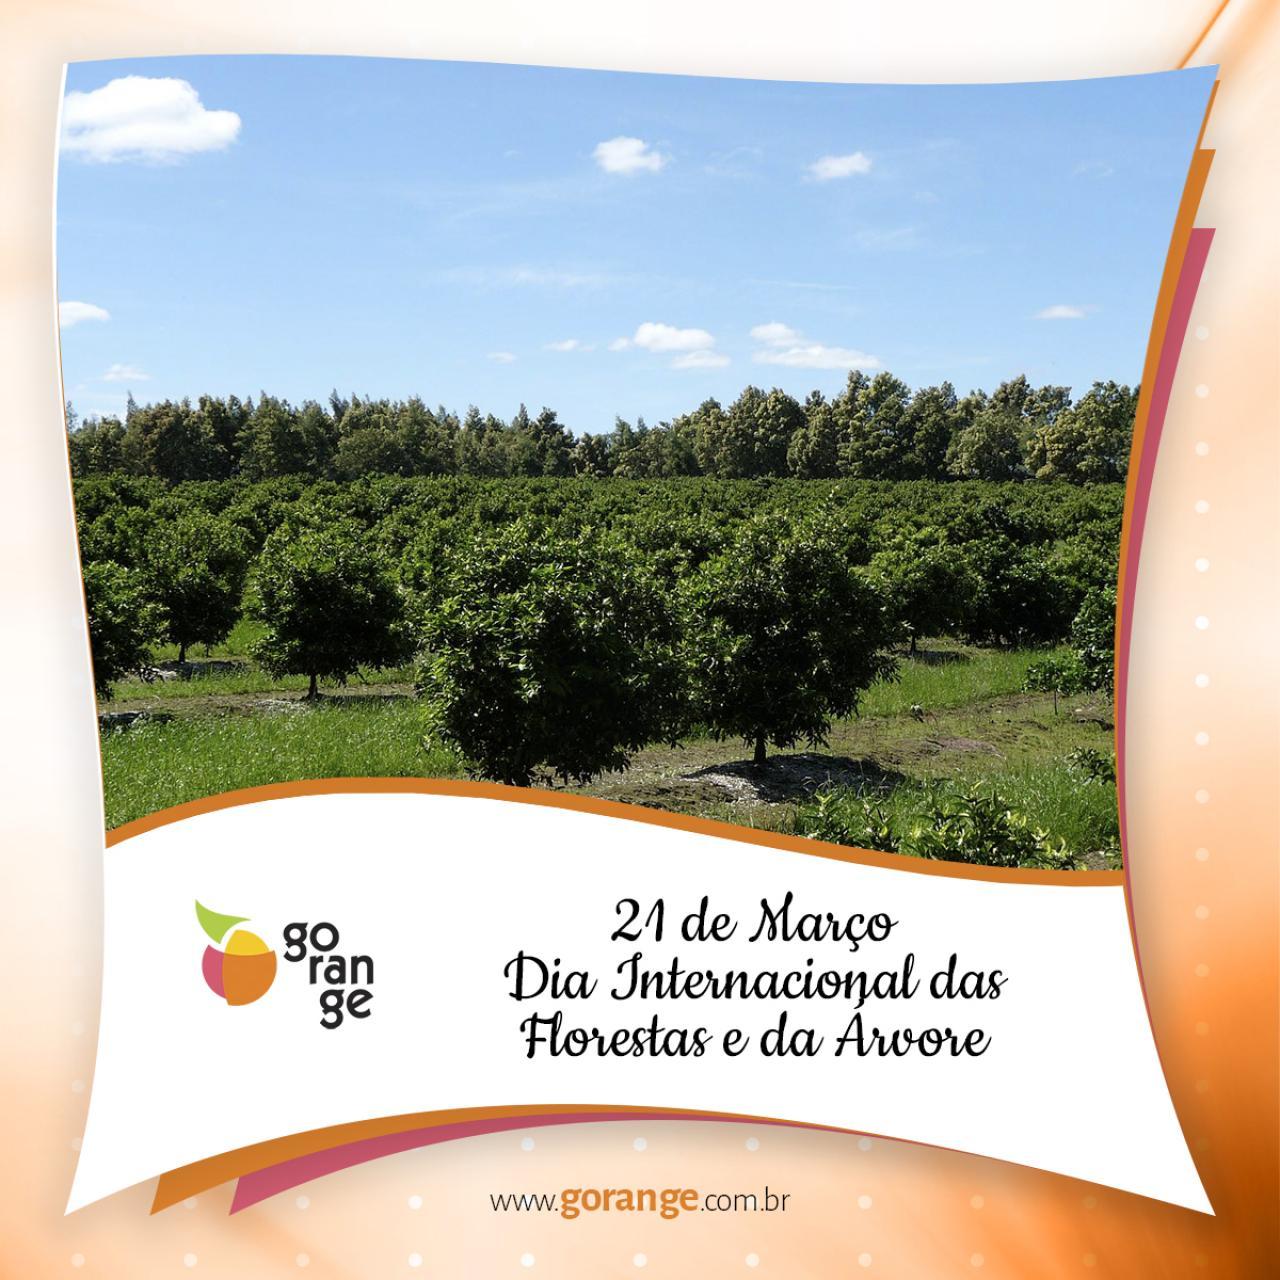 21 de Março - Dia Internacional das Florestas e da Árvore